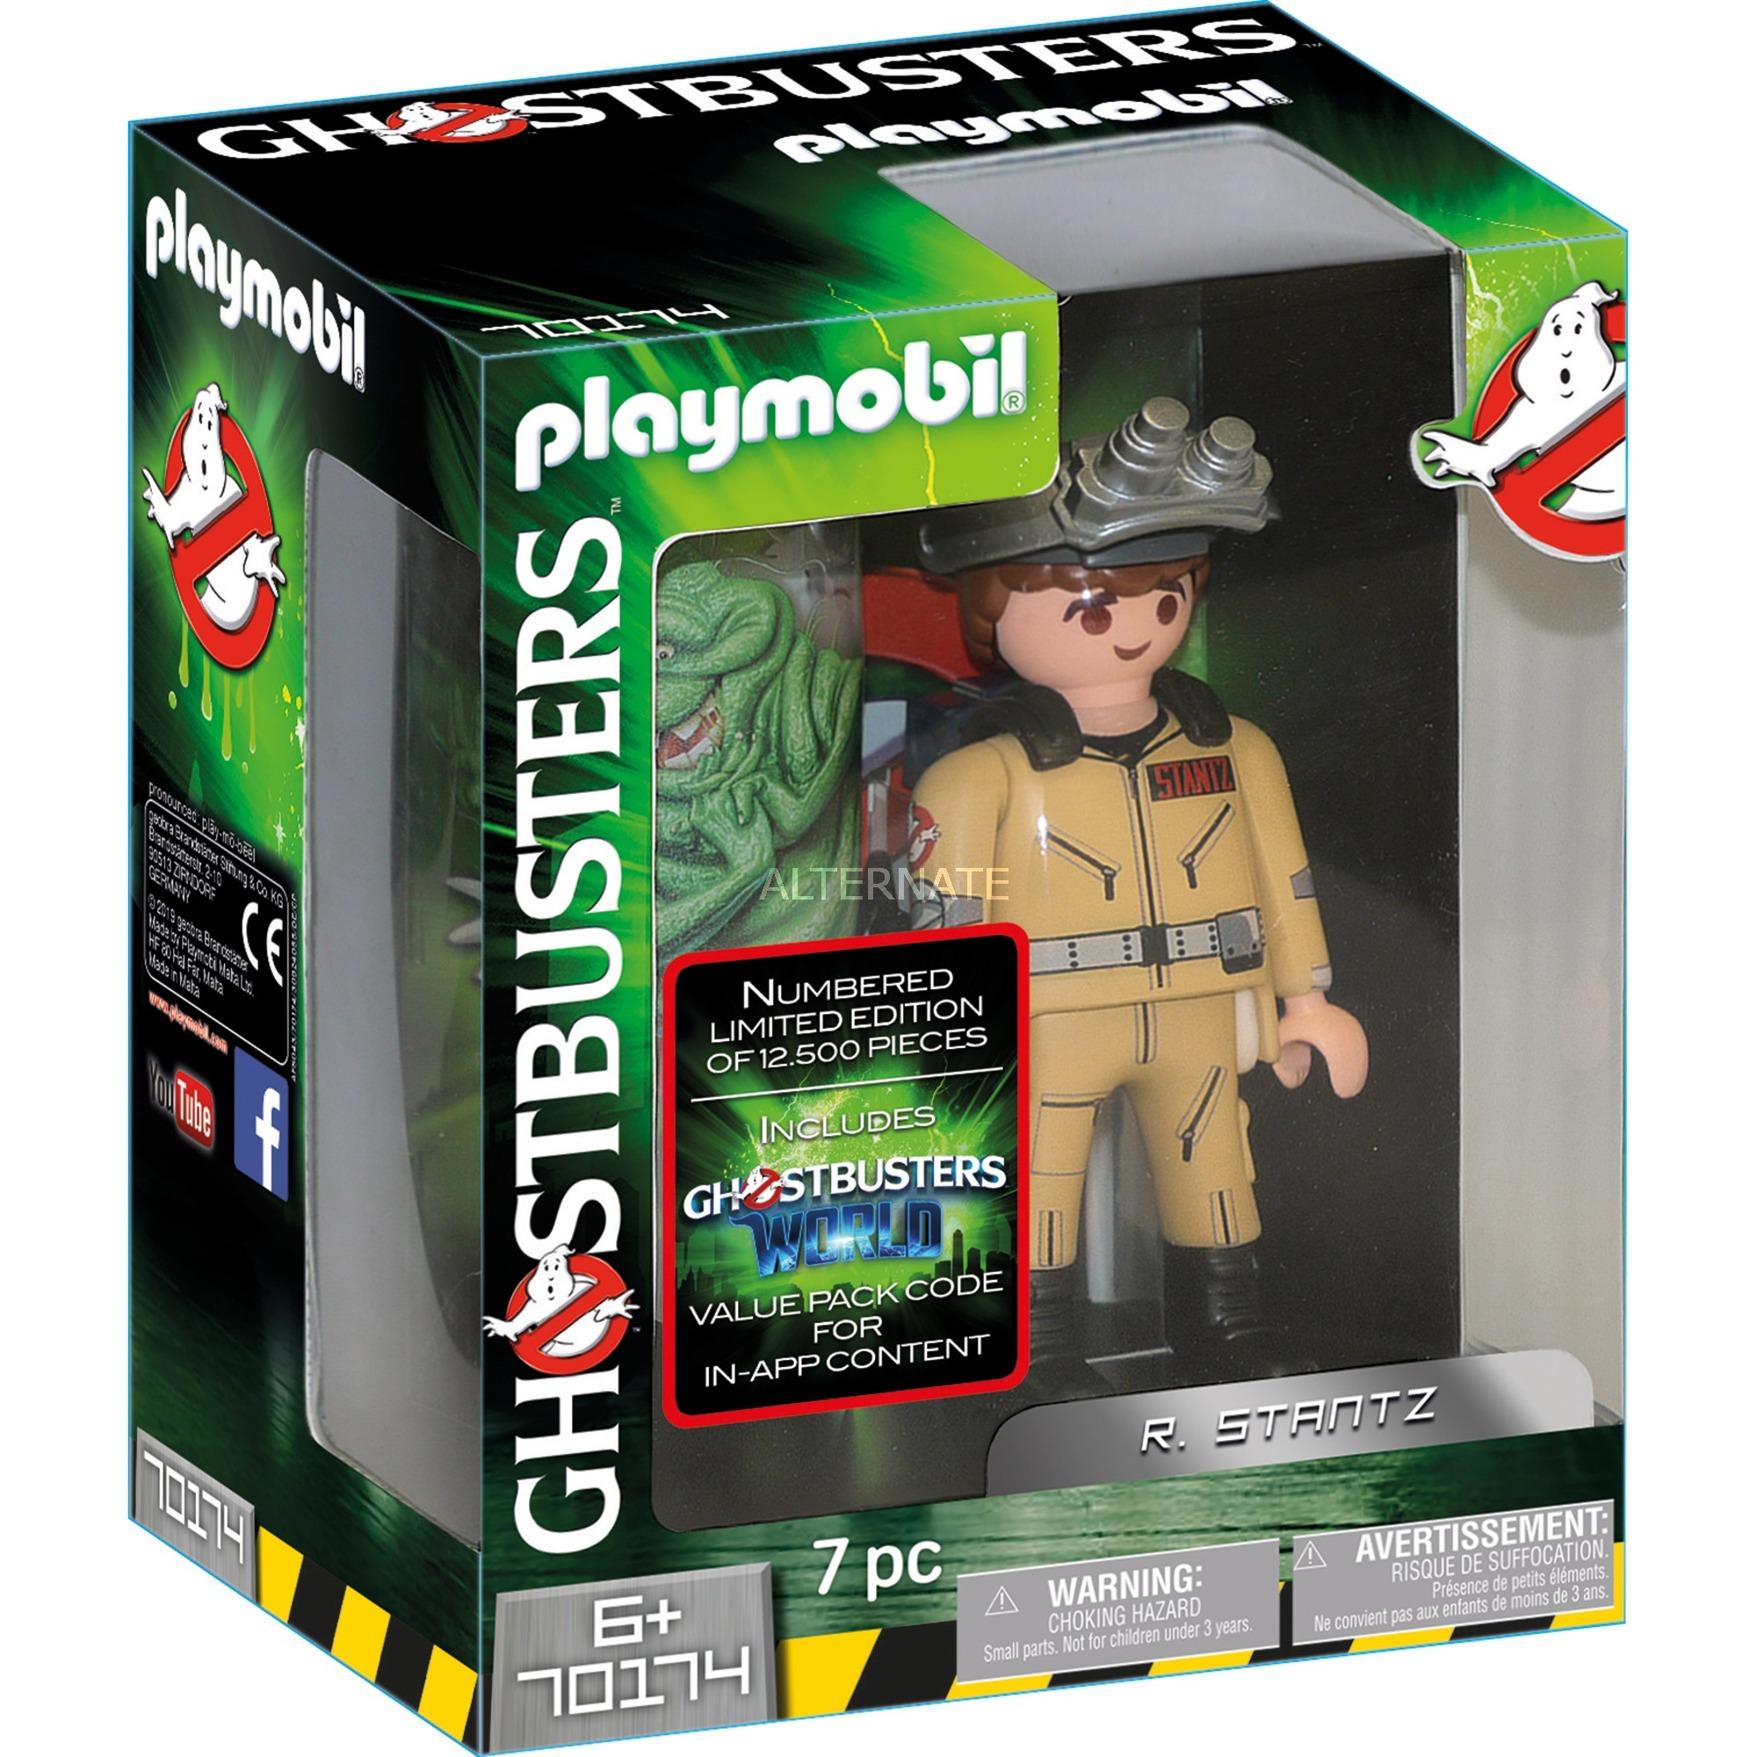 s De Pièce Année Ghostbusters RStantz À s1 ConstruireJouets Figurine ConstructionmulticolorePlaymobil6 Nn0OX8Pwk